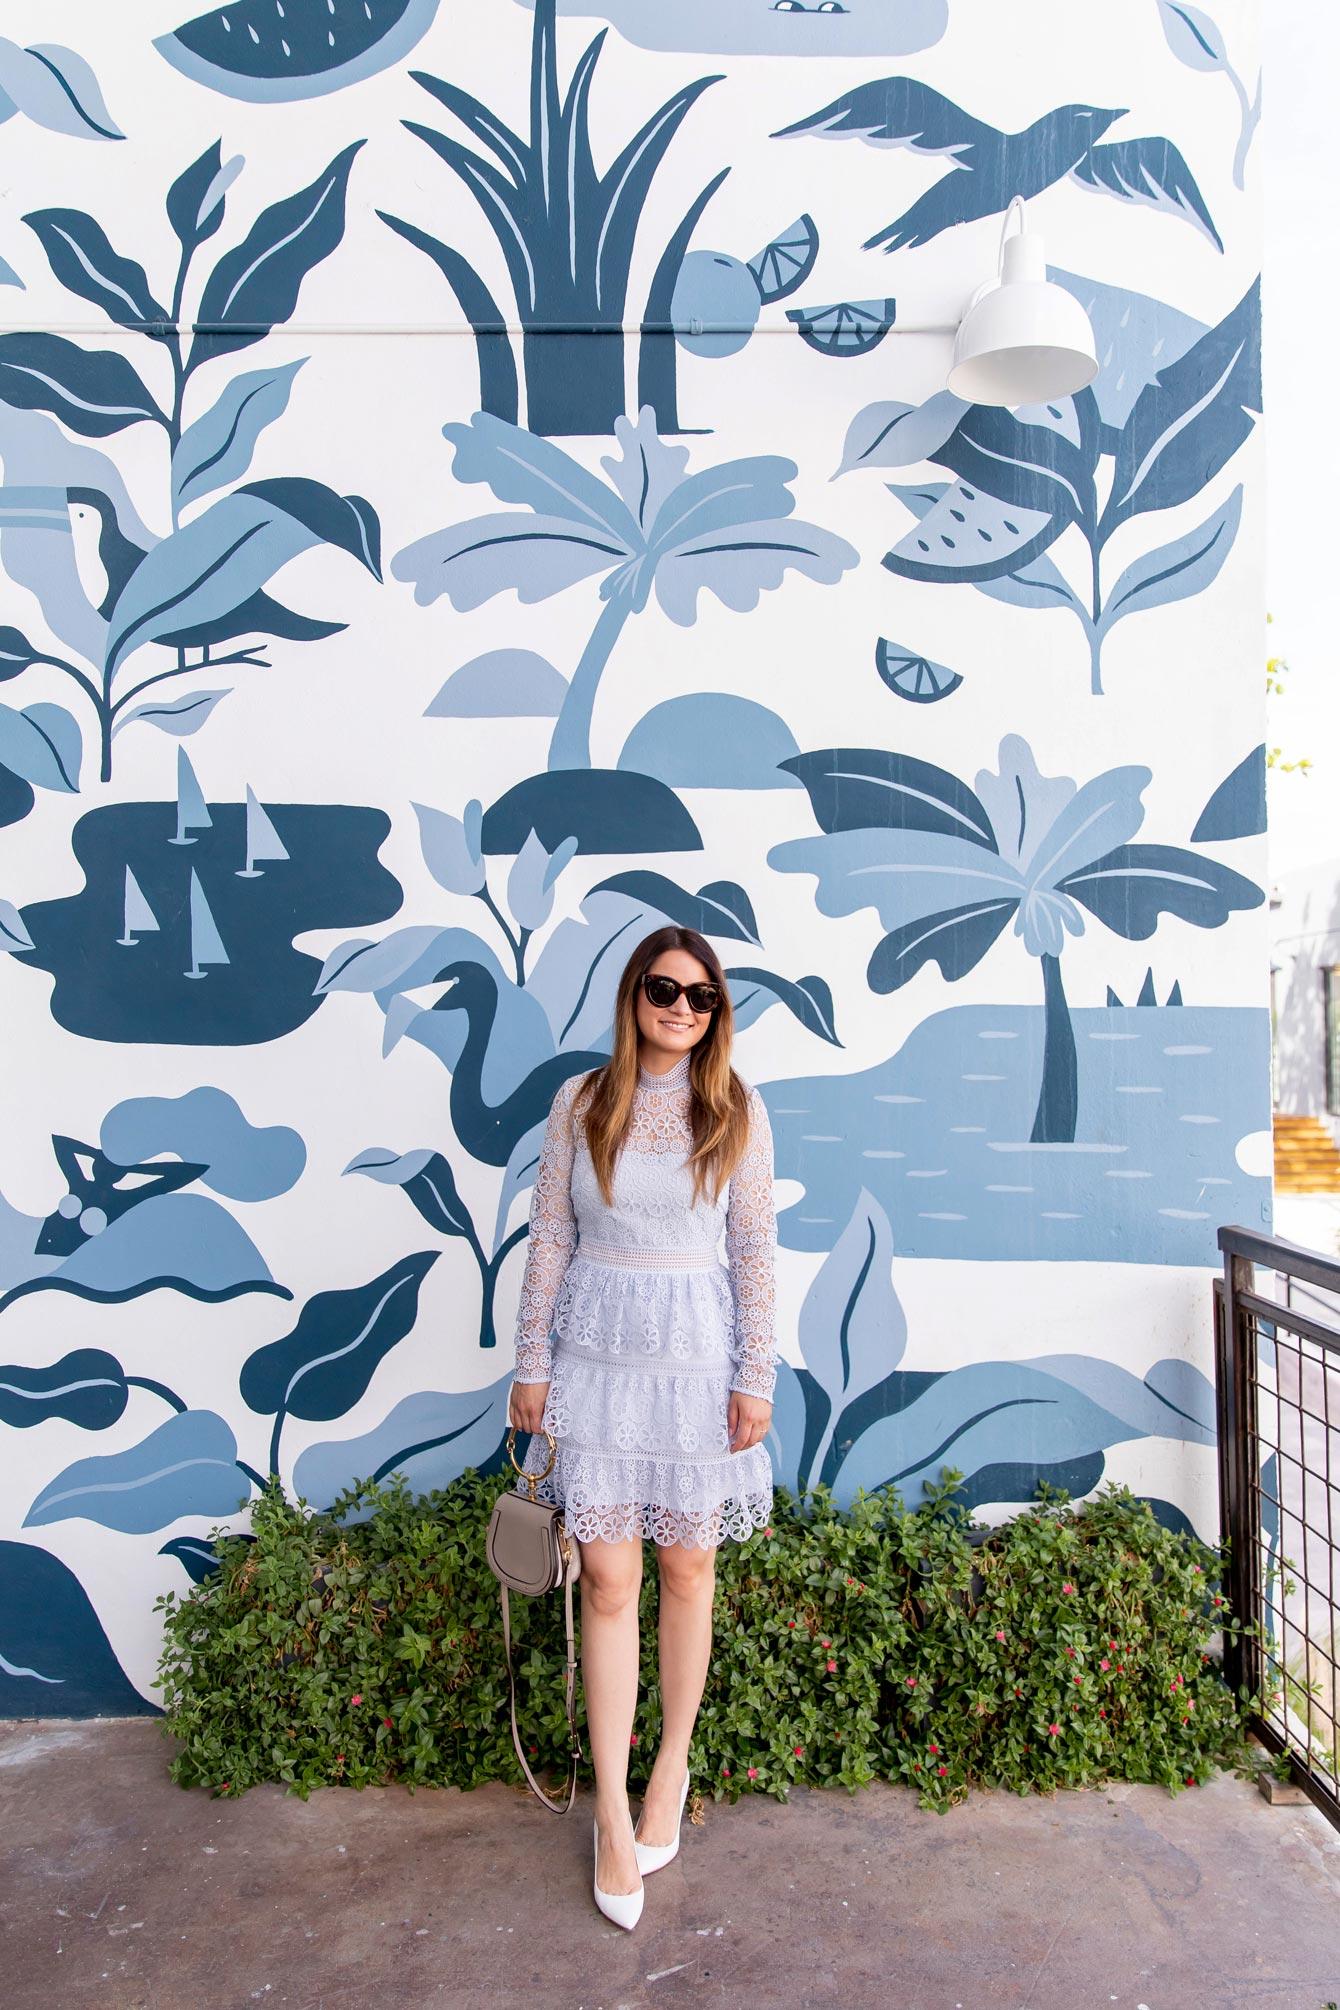 Best Palm Beach Murals